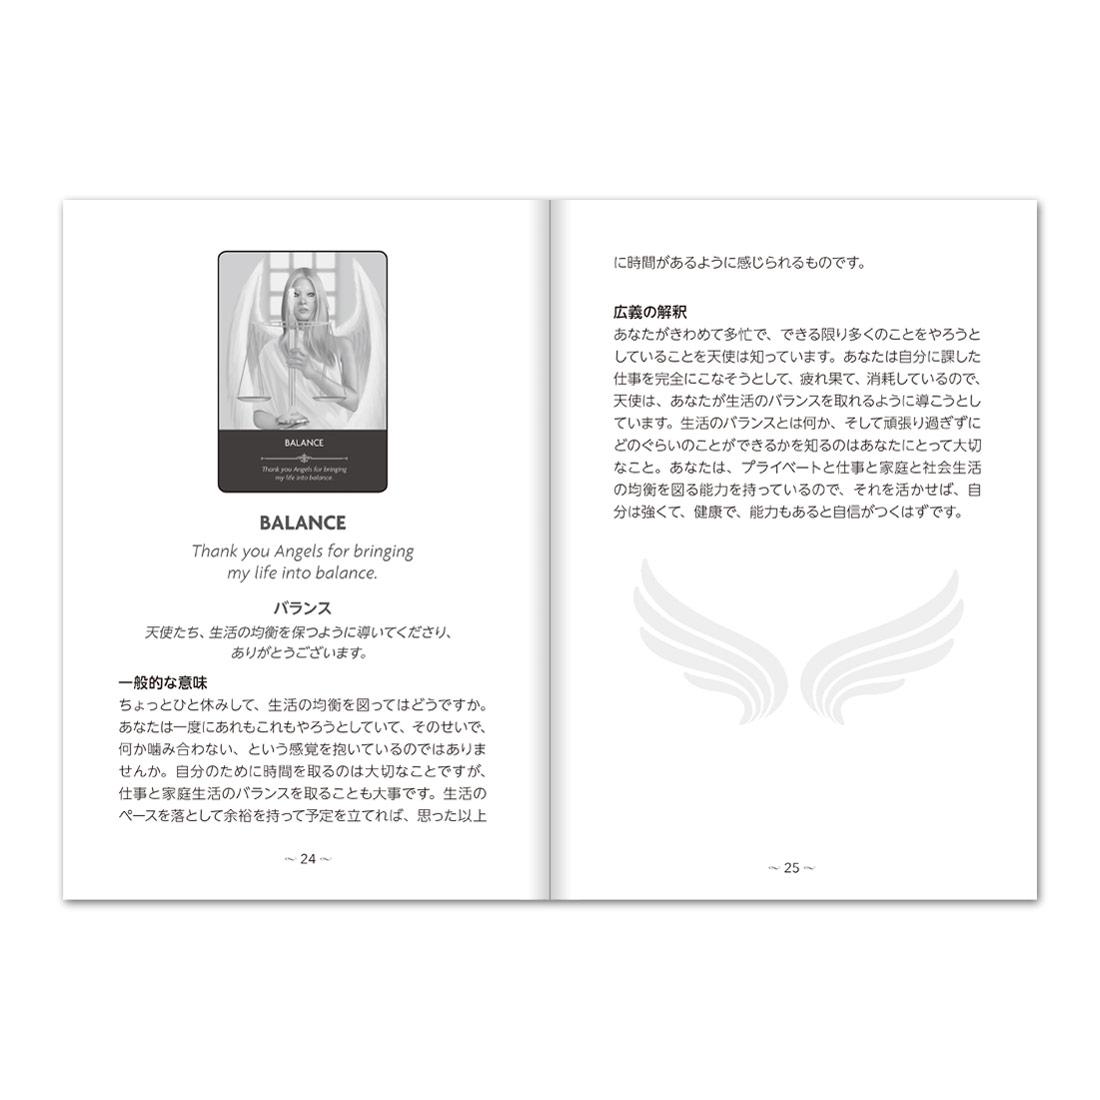 【先着特典付き】エンジェルプレイヤーオラクルカード